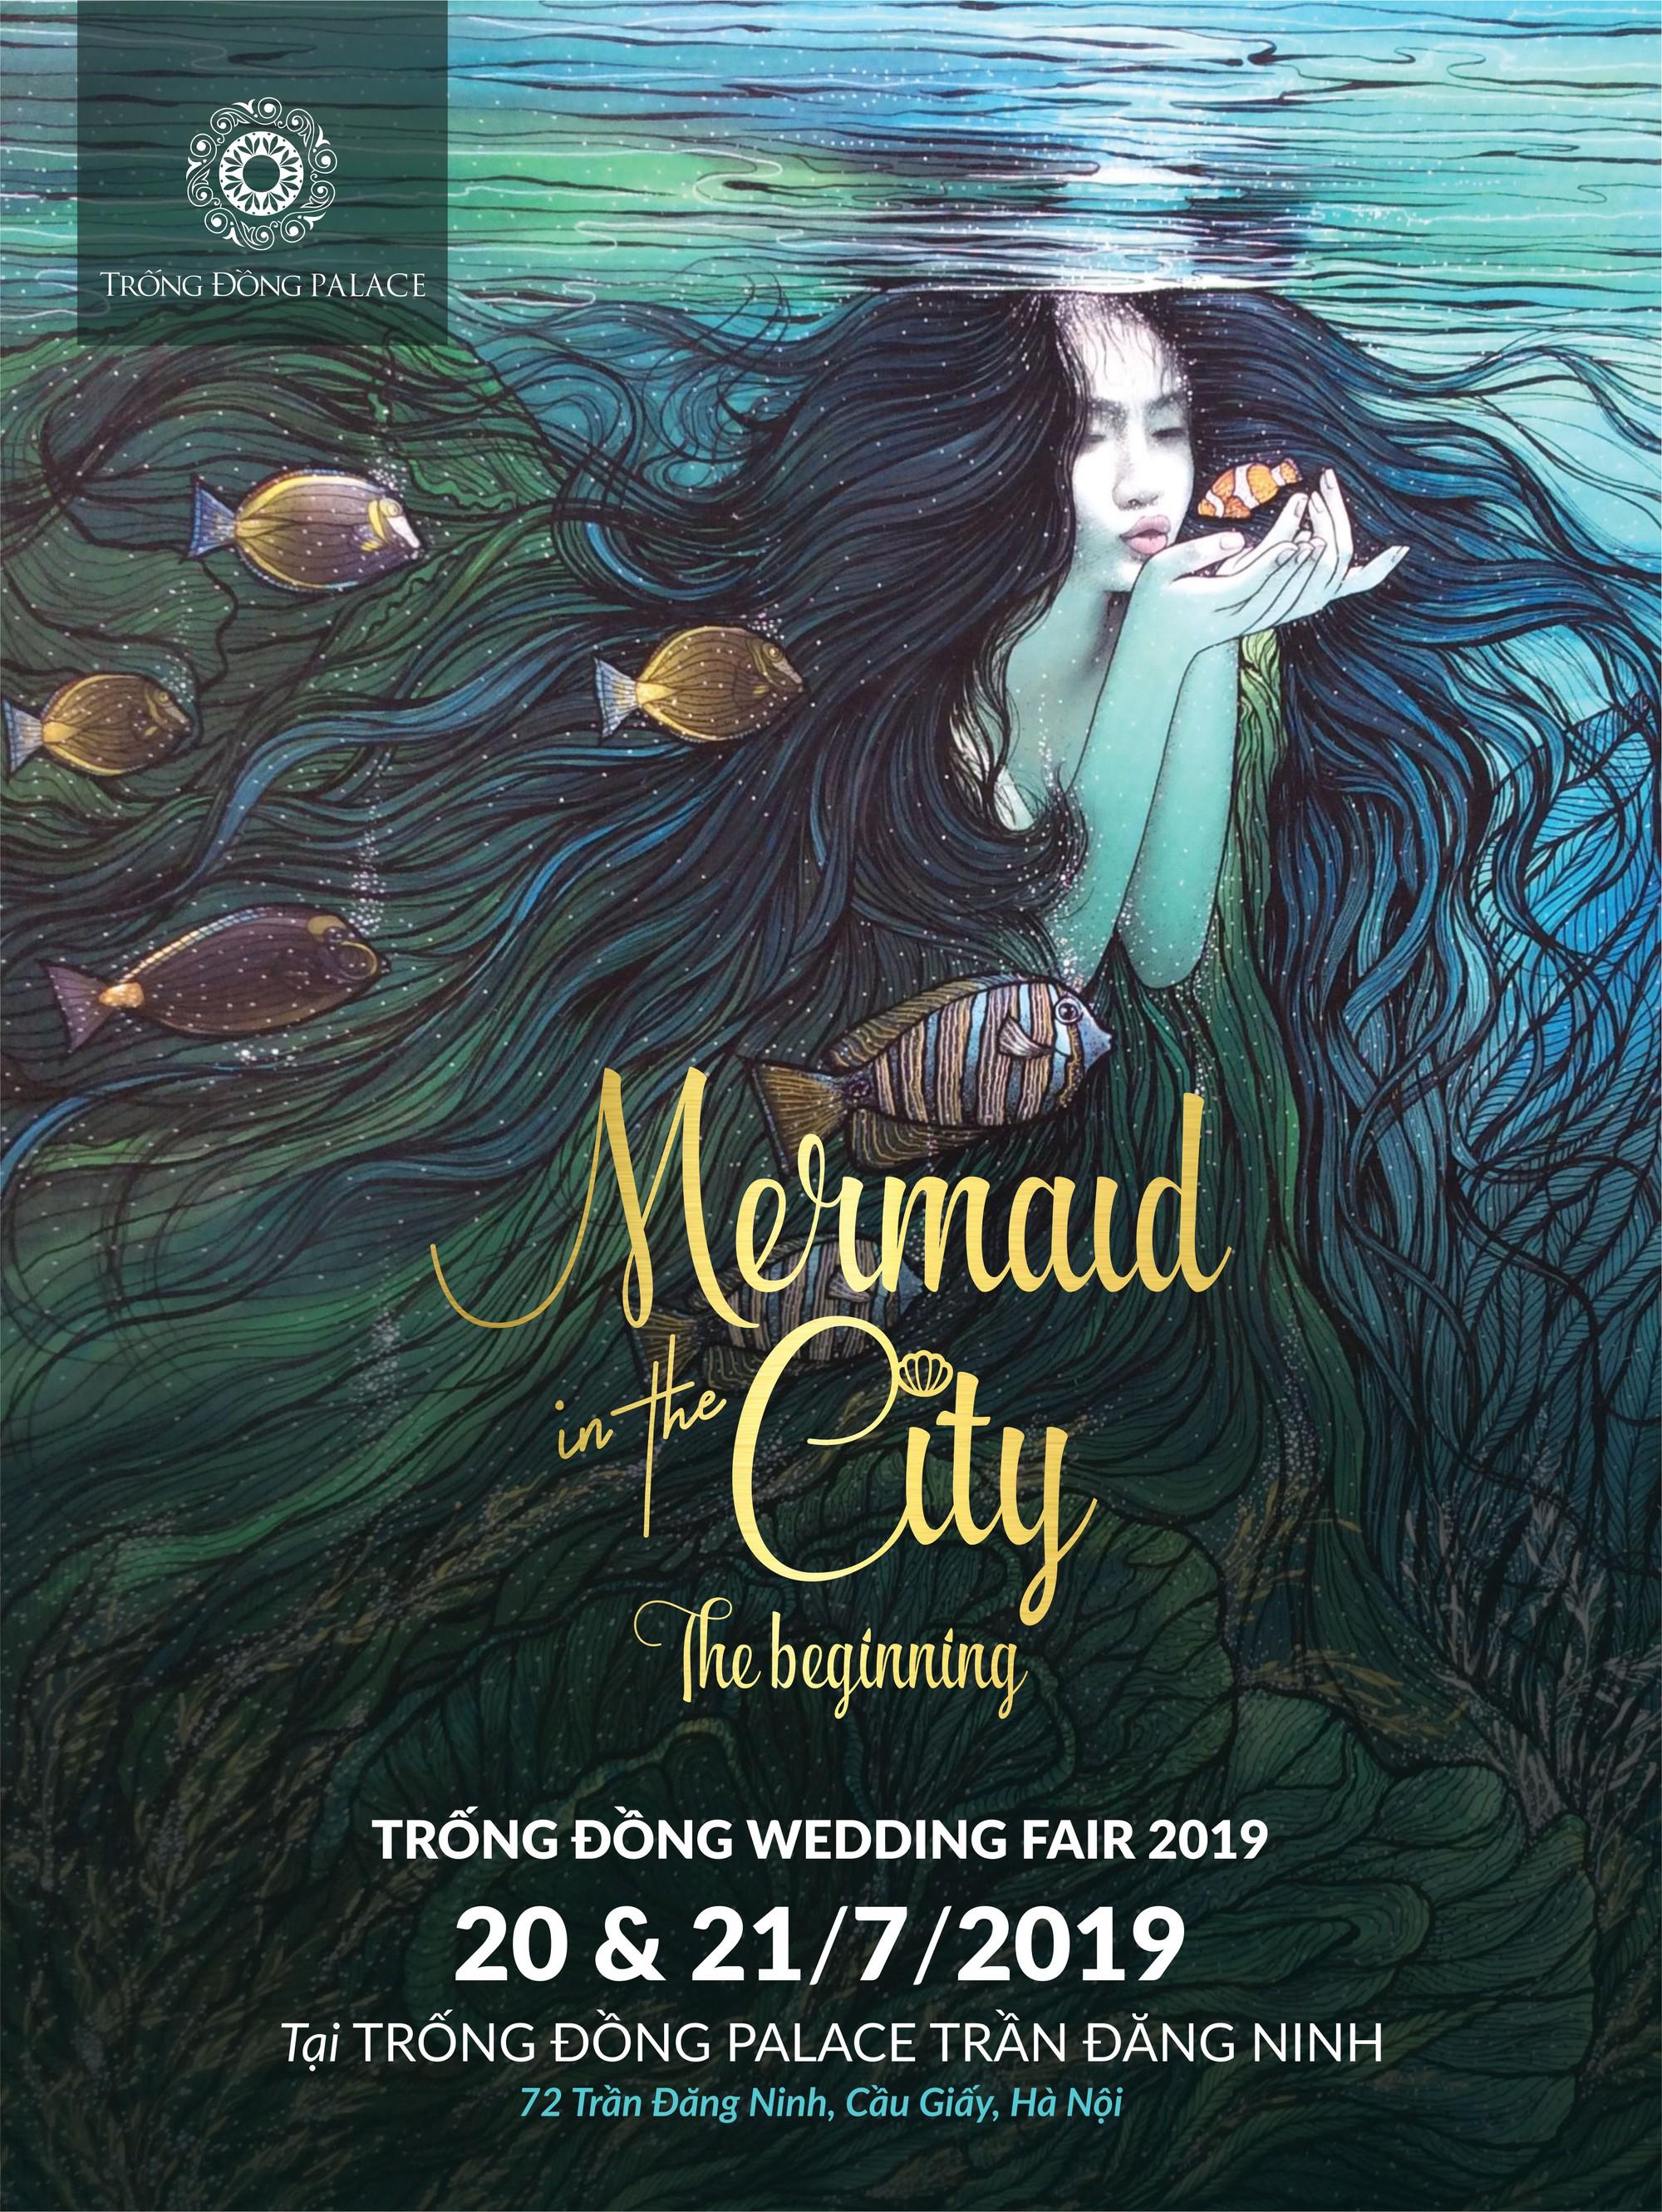 Trống Đồng Wedding Fair 2019 – Biến thành nàng tiên cá hòa mình vào đại dương quà tặng - Ảnh 1.